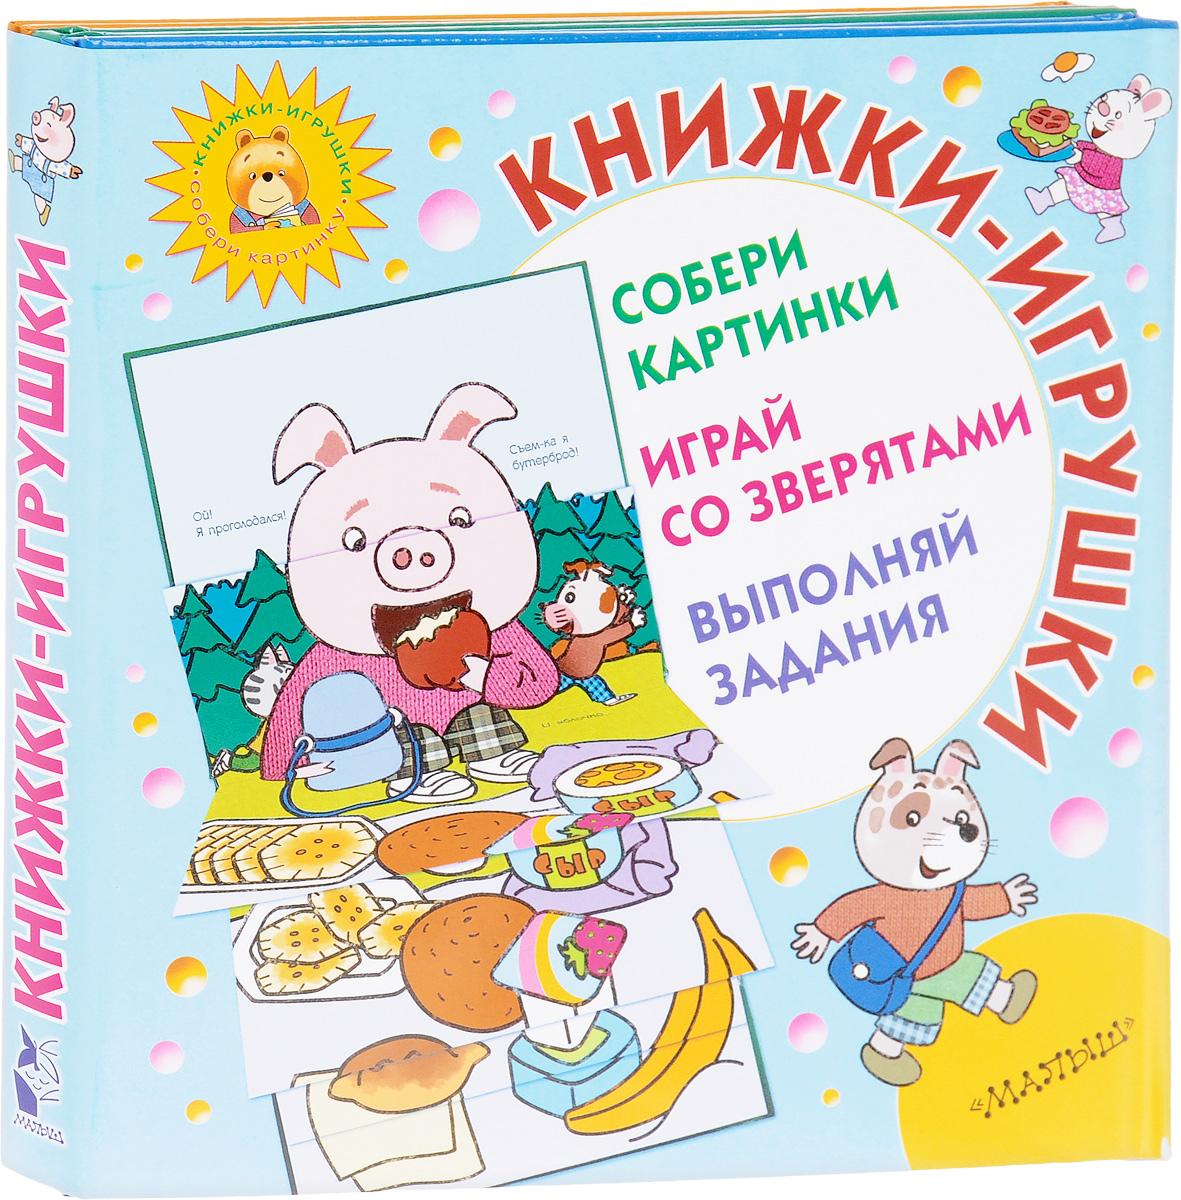 М. Парнякова Книжки-игрушки. Собери картинки. Играй со зверятами. Выполняй задания (комплект из 3 книг)